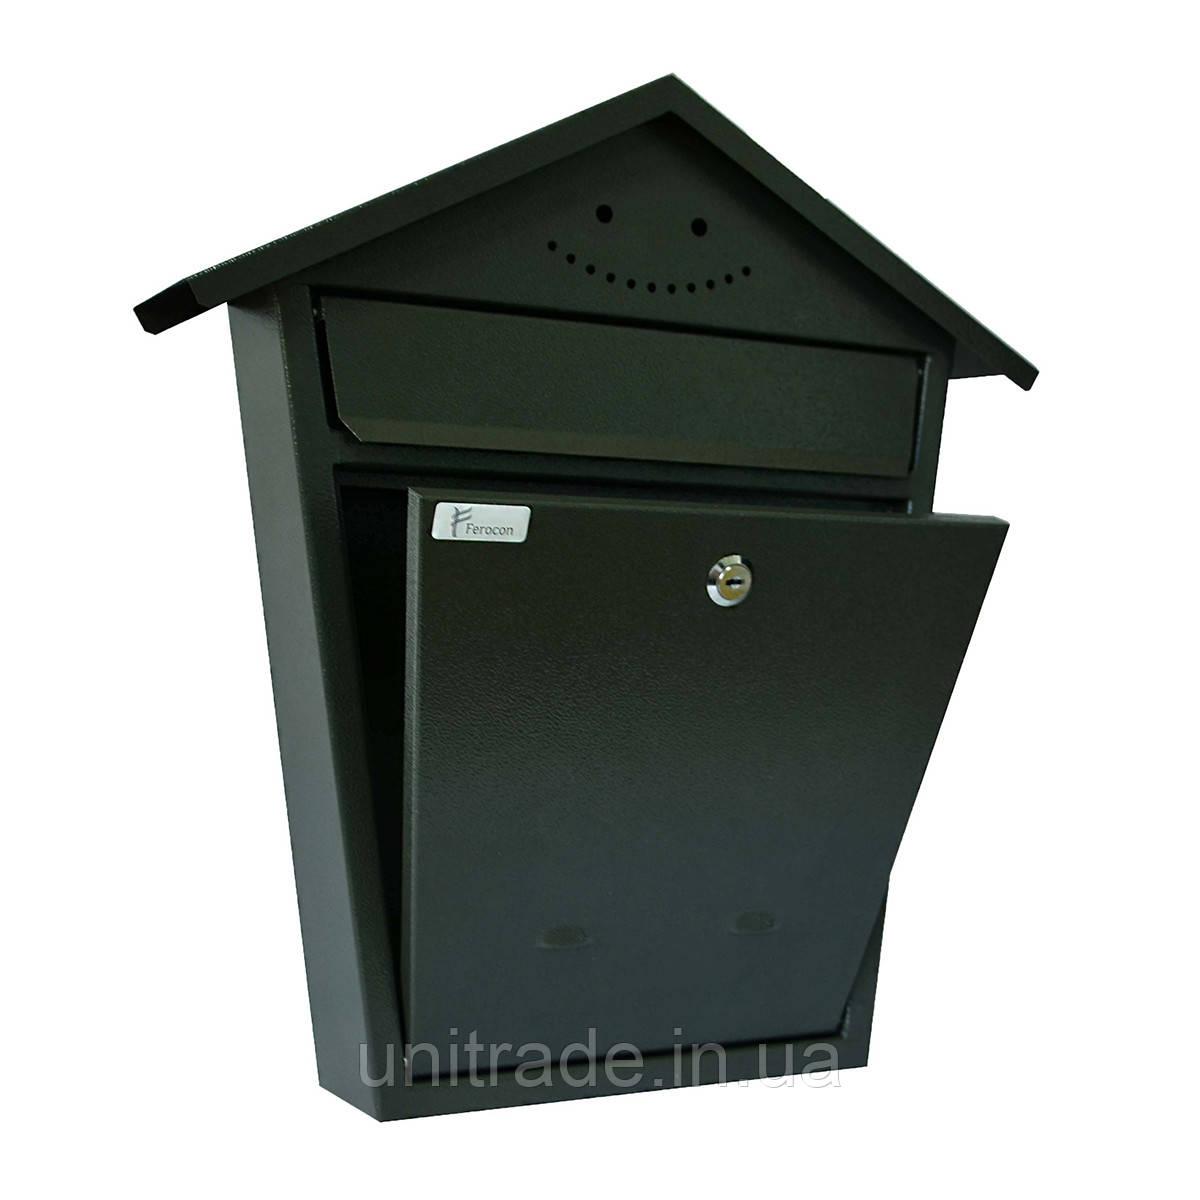 Ящик почтовый РВ-06 Ferocon, 43x47x7 см. серый